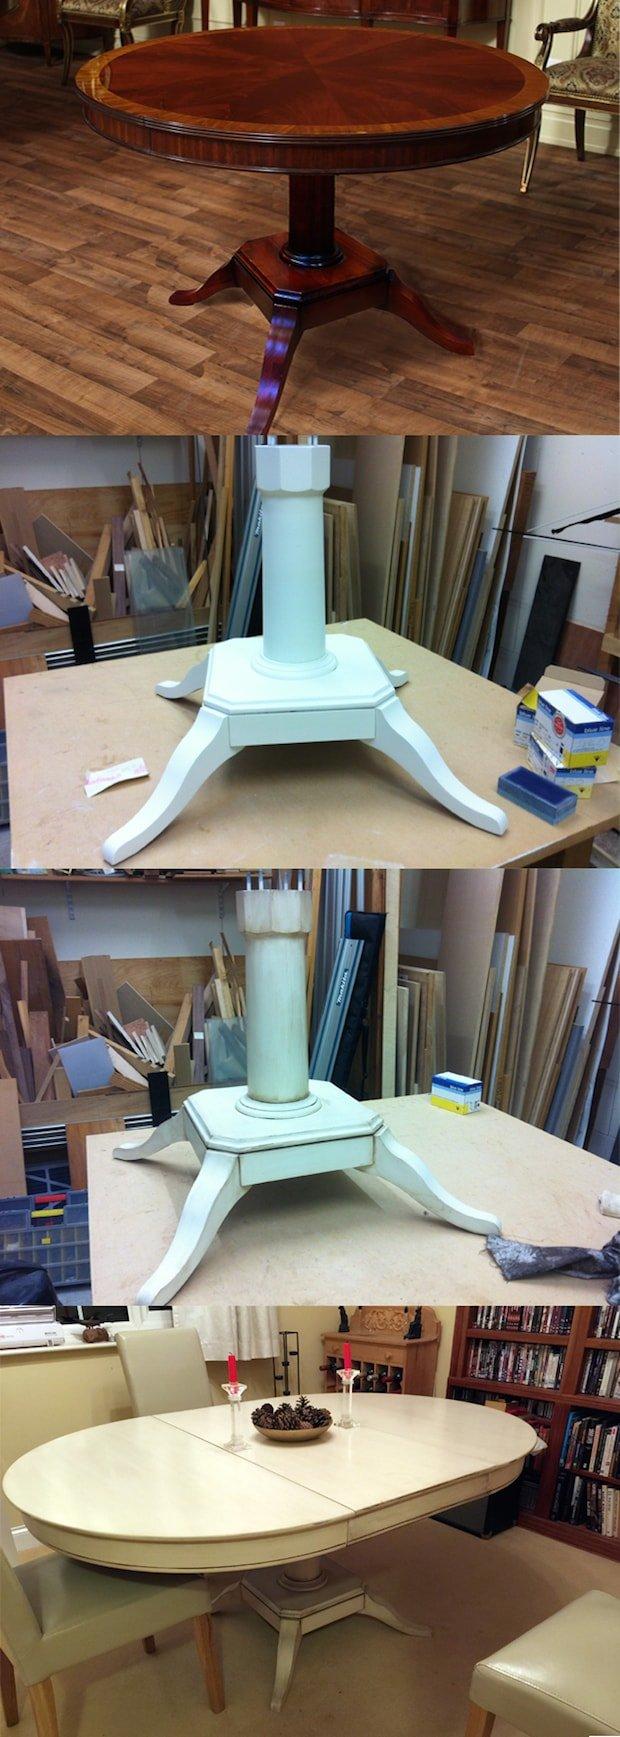 upcycle-mahagony-dining-table-min.jpg